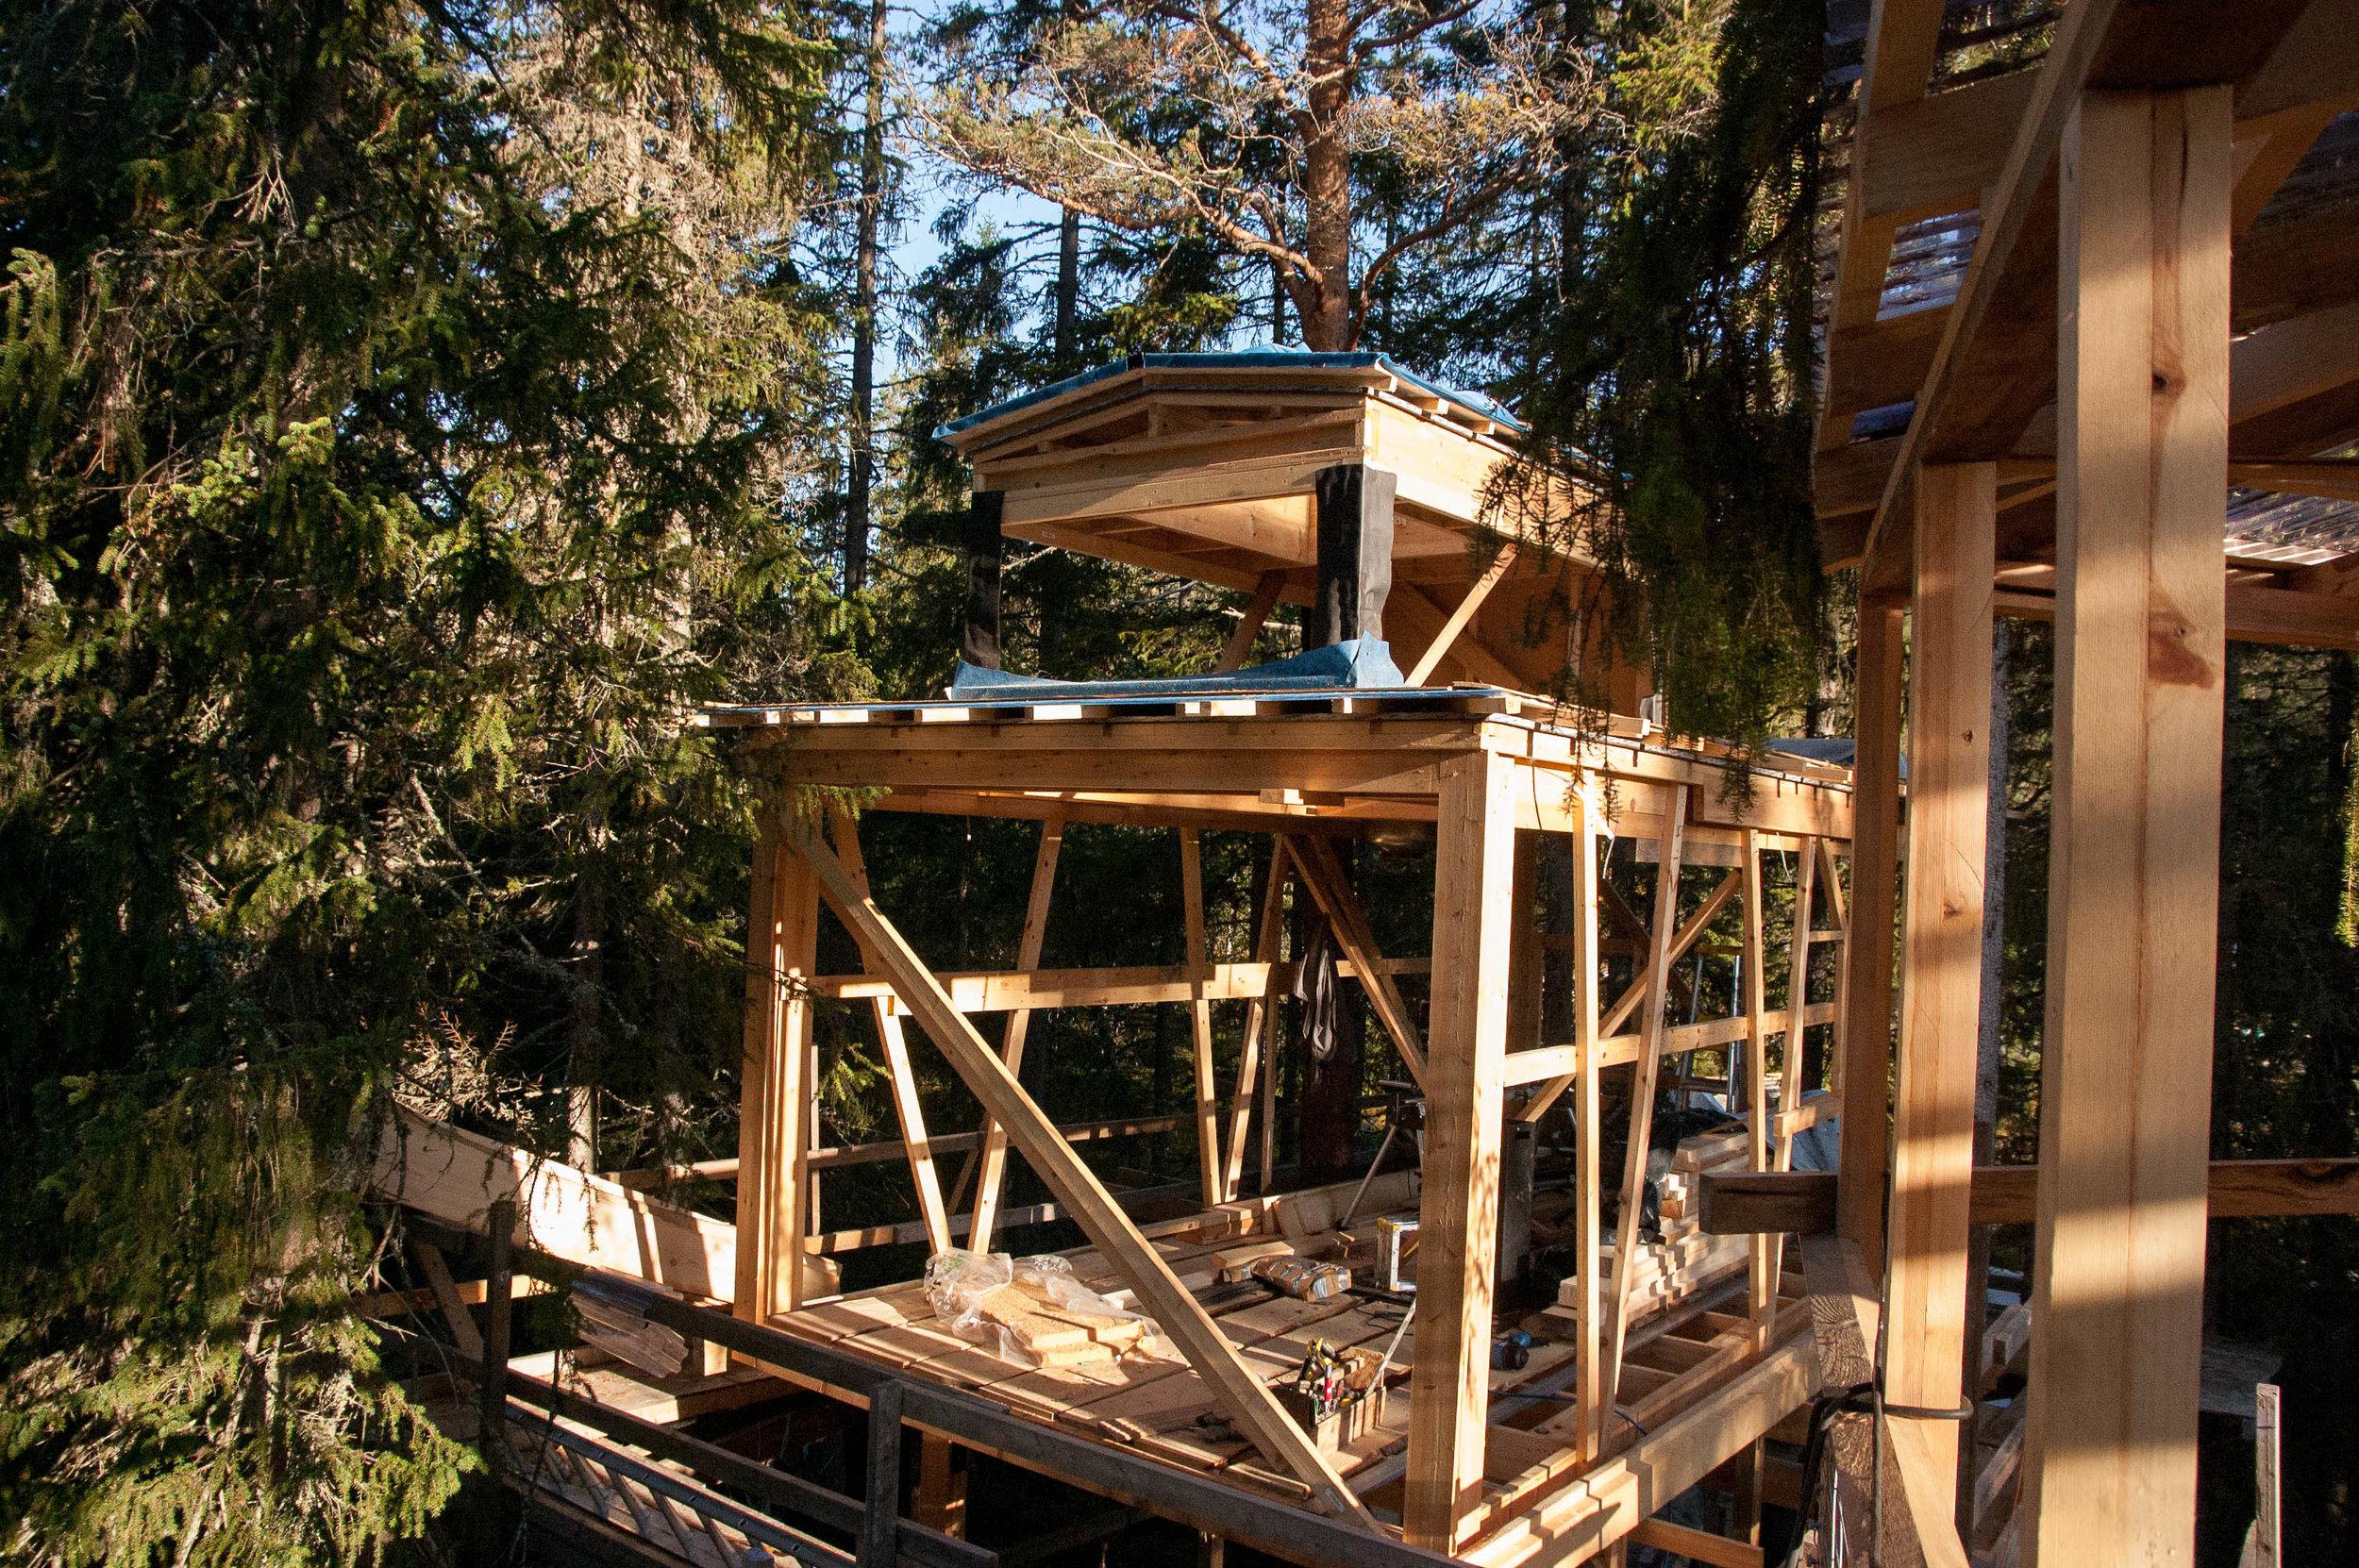 Treehouse 10.09 (9 of 12).jpg